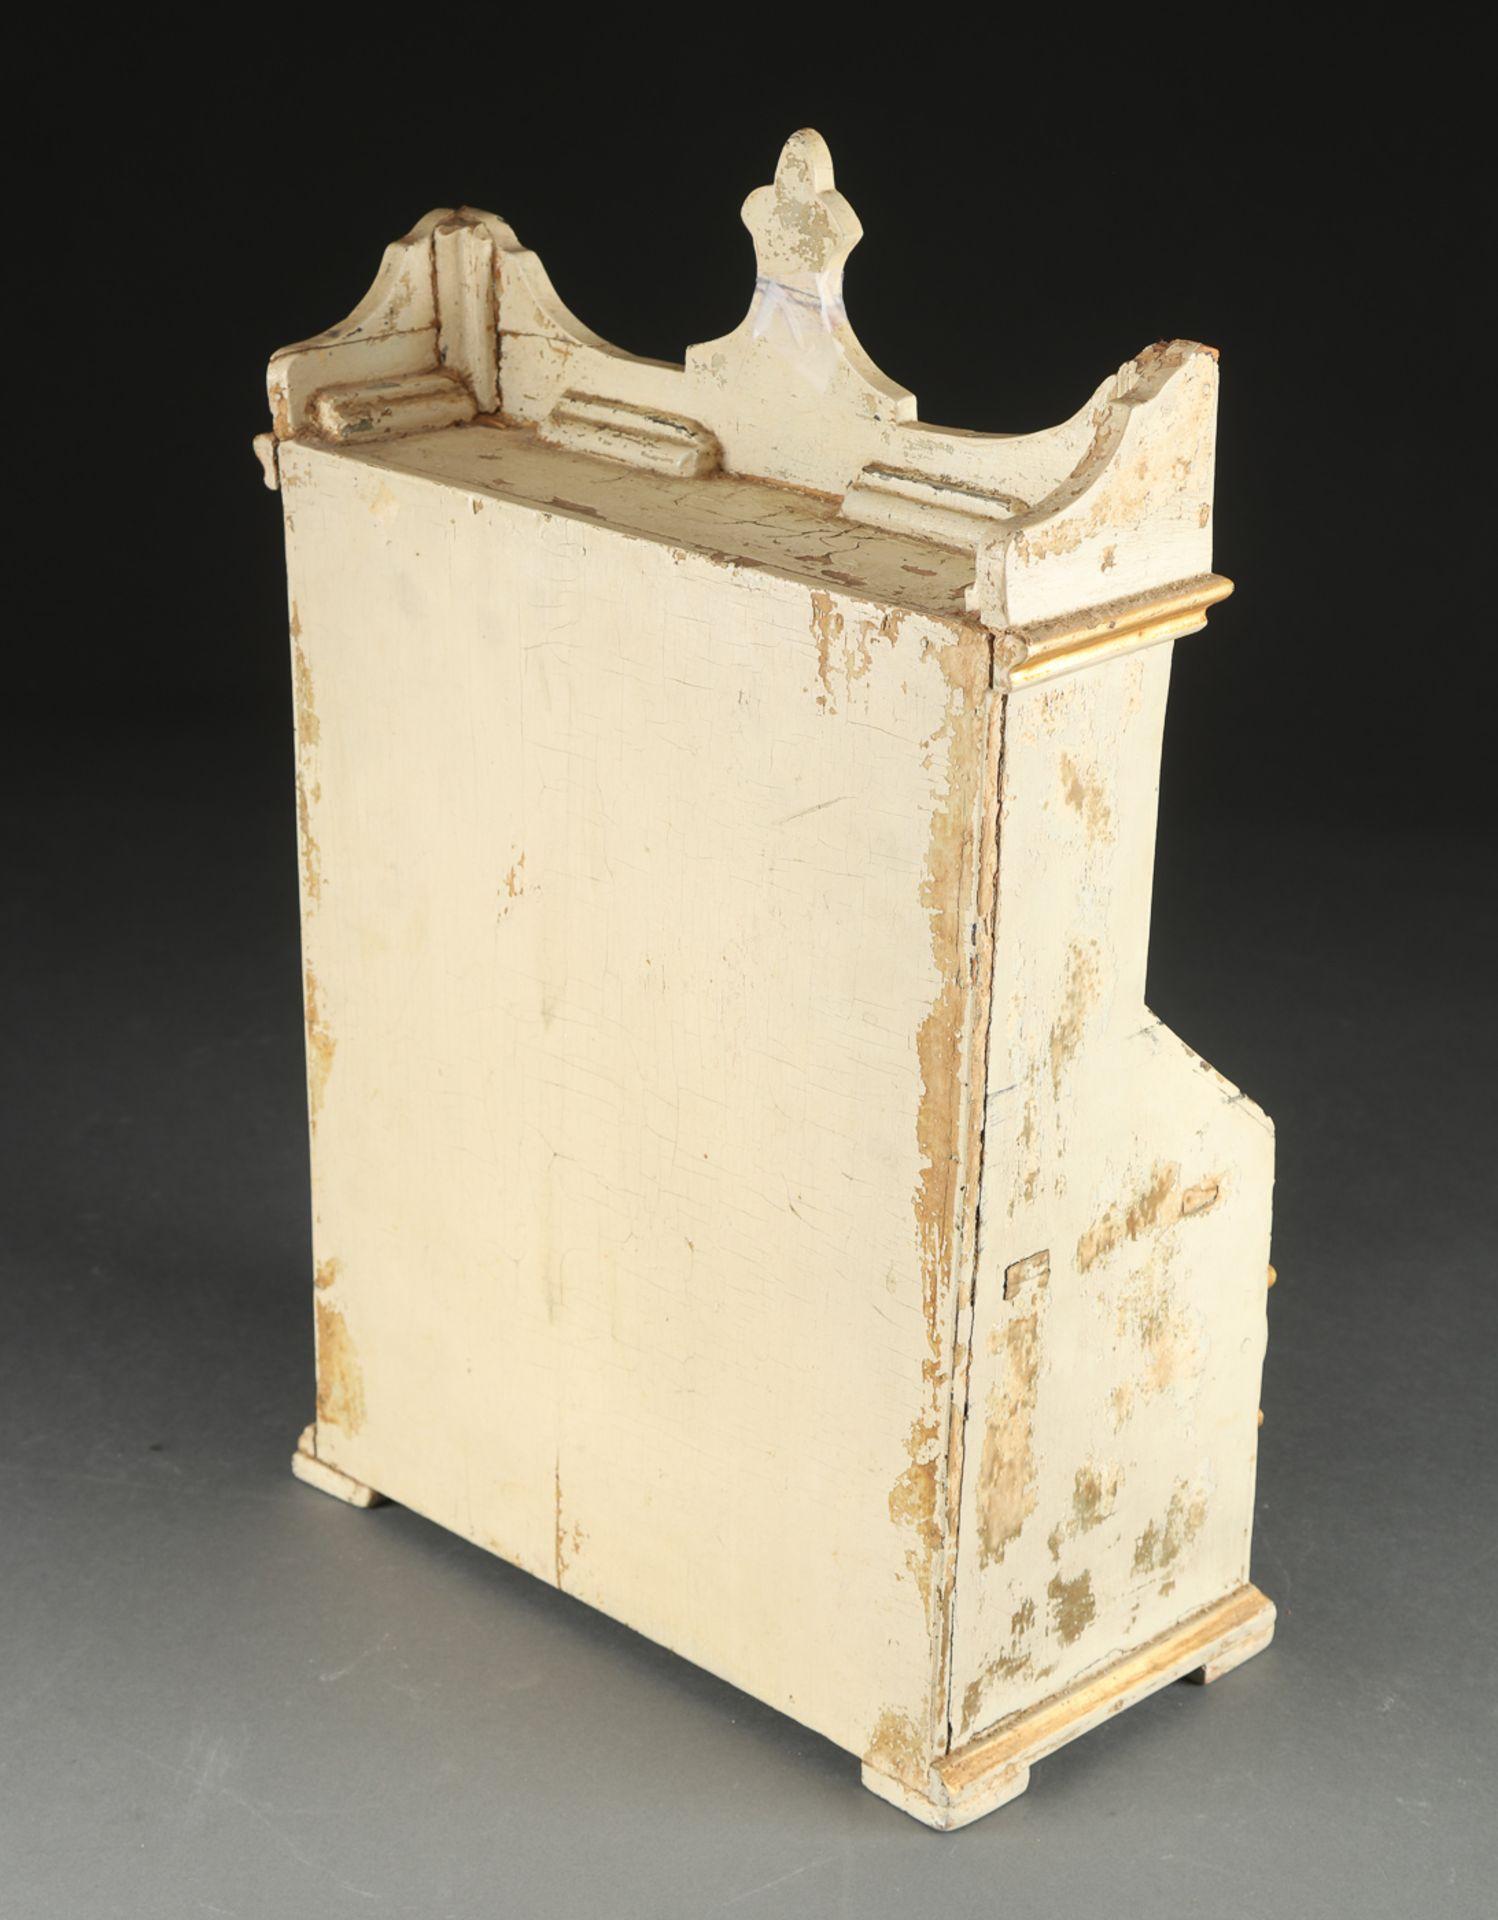 Bedeutender Modellsekretär von 1750. Innen kleines Dokument. H. ca. 50cm. Altersspuren und kleine - Bild 4 aus 5